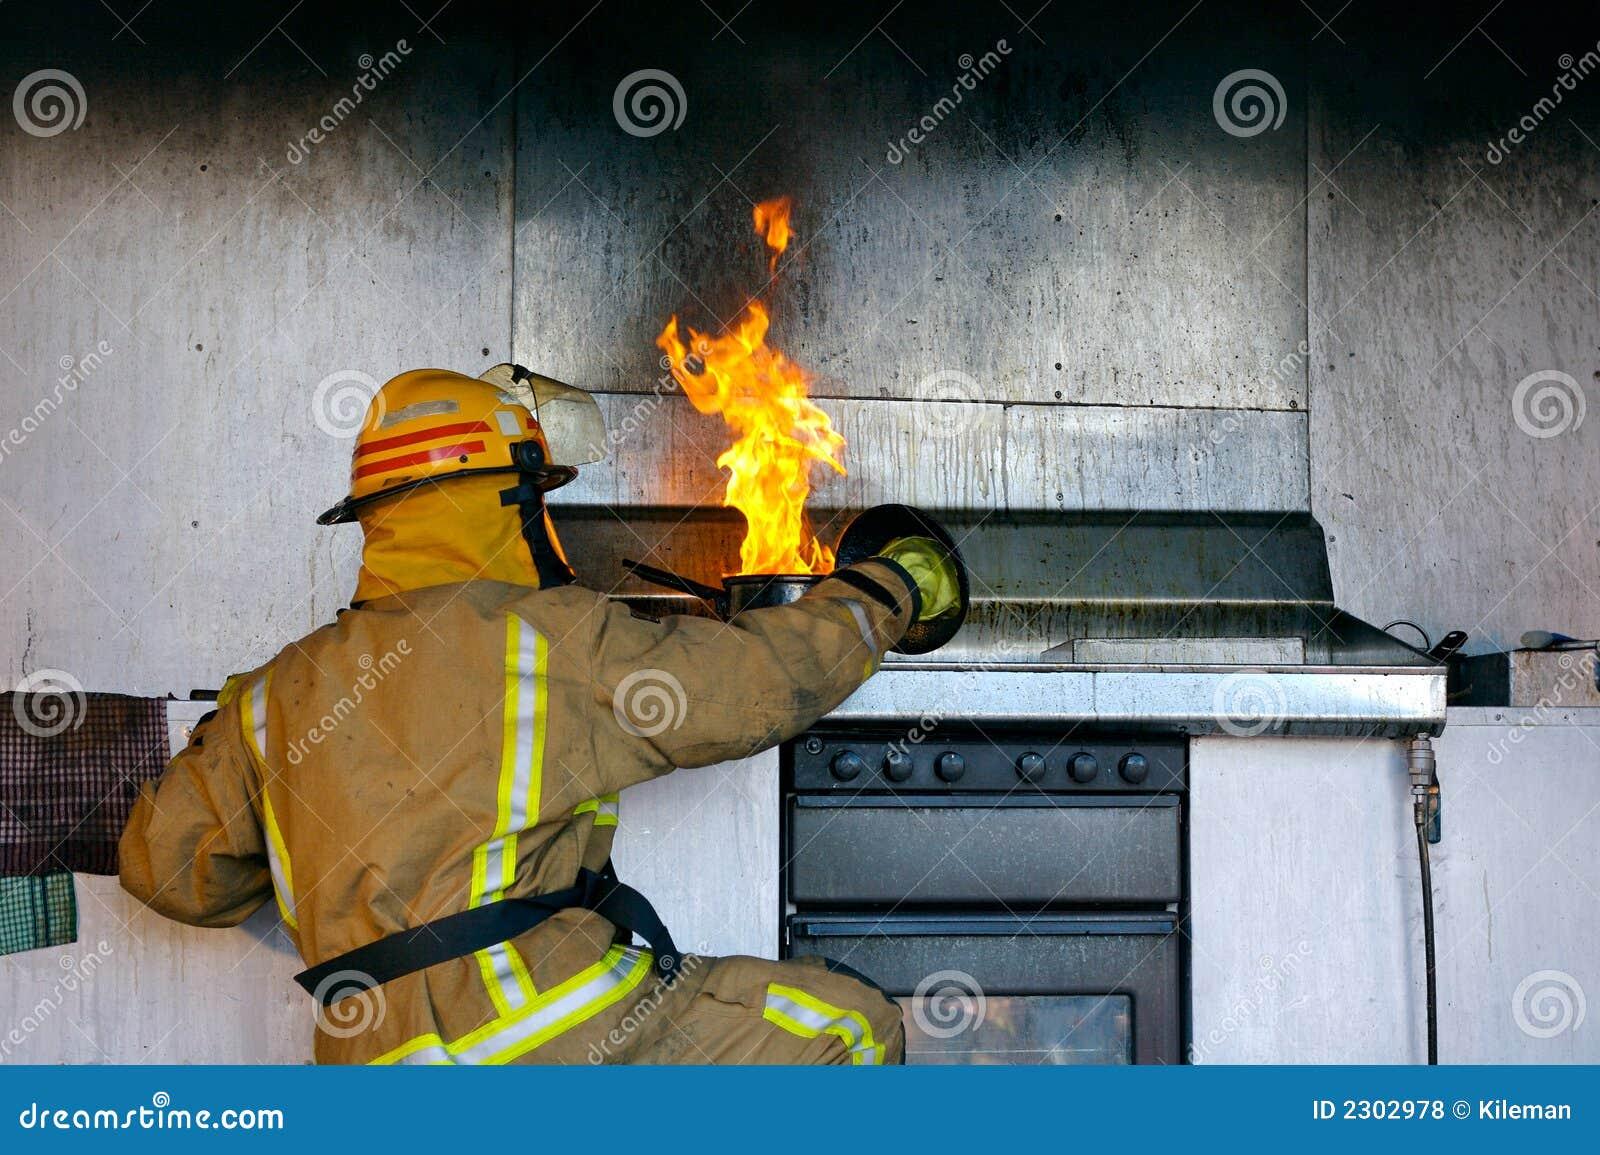 Fuego del aceite de cocina fotos de archivo libres de regal as imagen 2302978 - Cocina de fuego ...